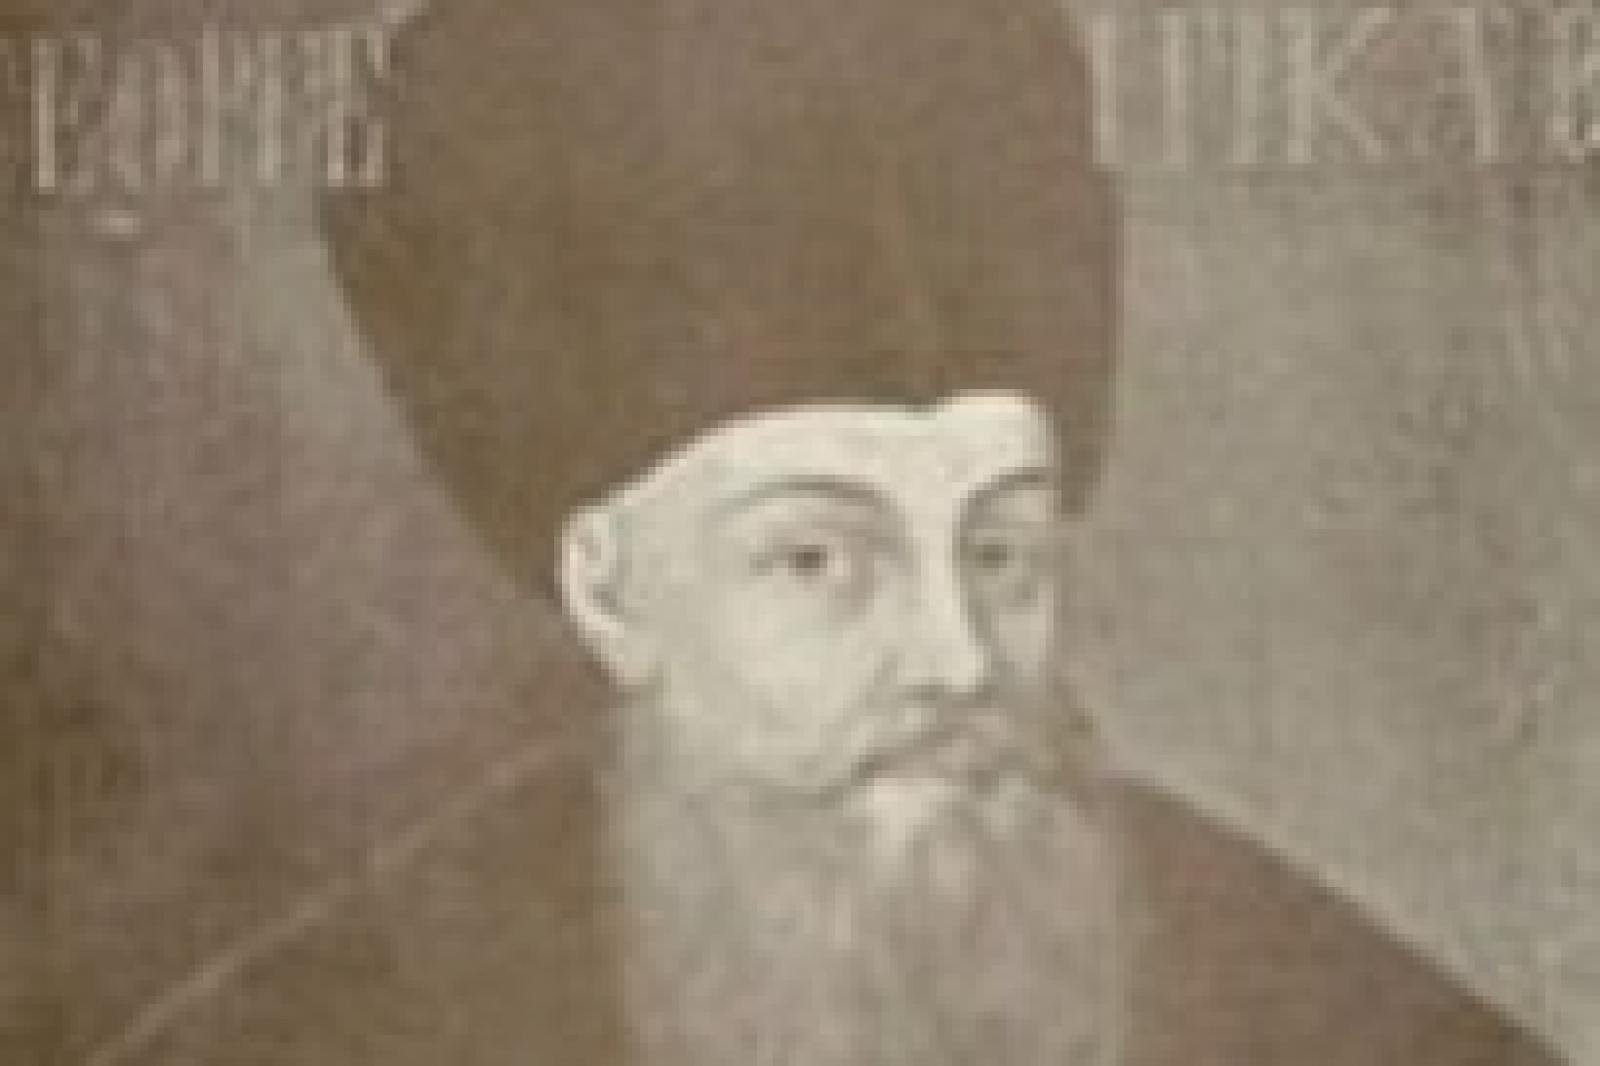 Mihnea al III-lea domnitor al Tarii Romanesti | Romania Mama | Stiri |  Administratie Publica | Anunturi | Joburi | Turism | Sport | Lifestyle |  Divertisment